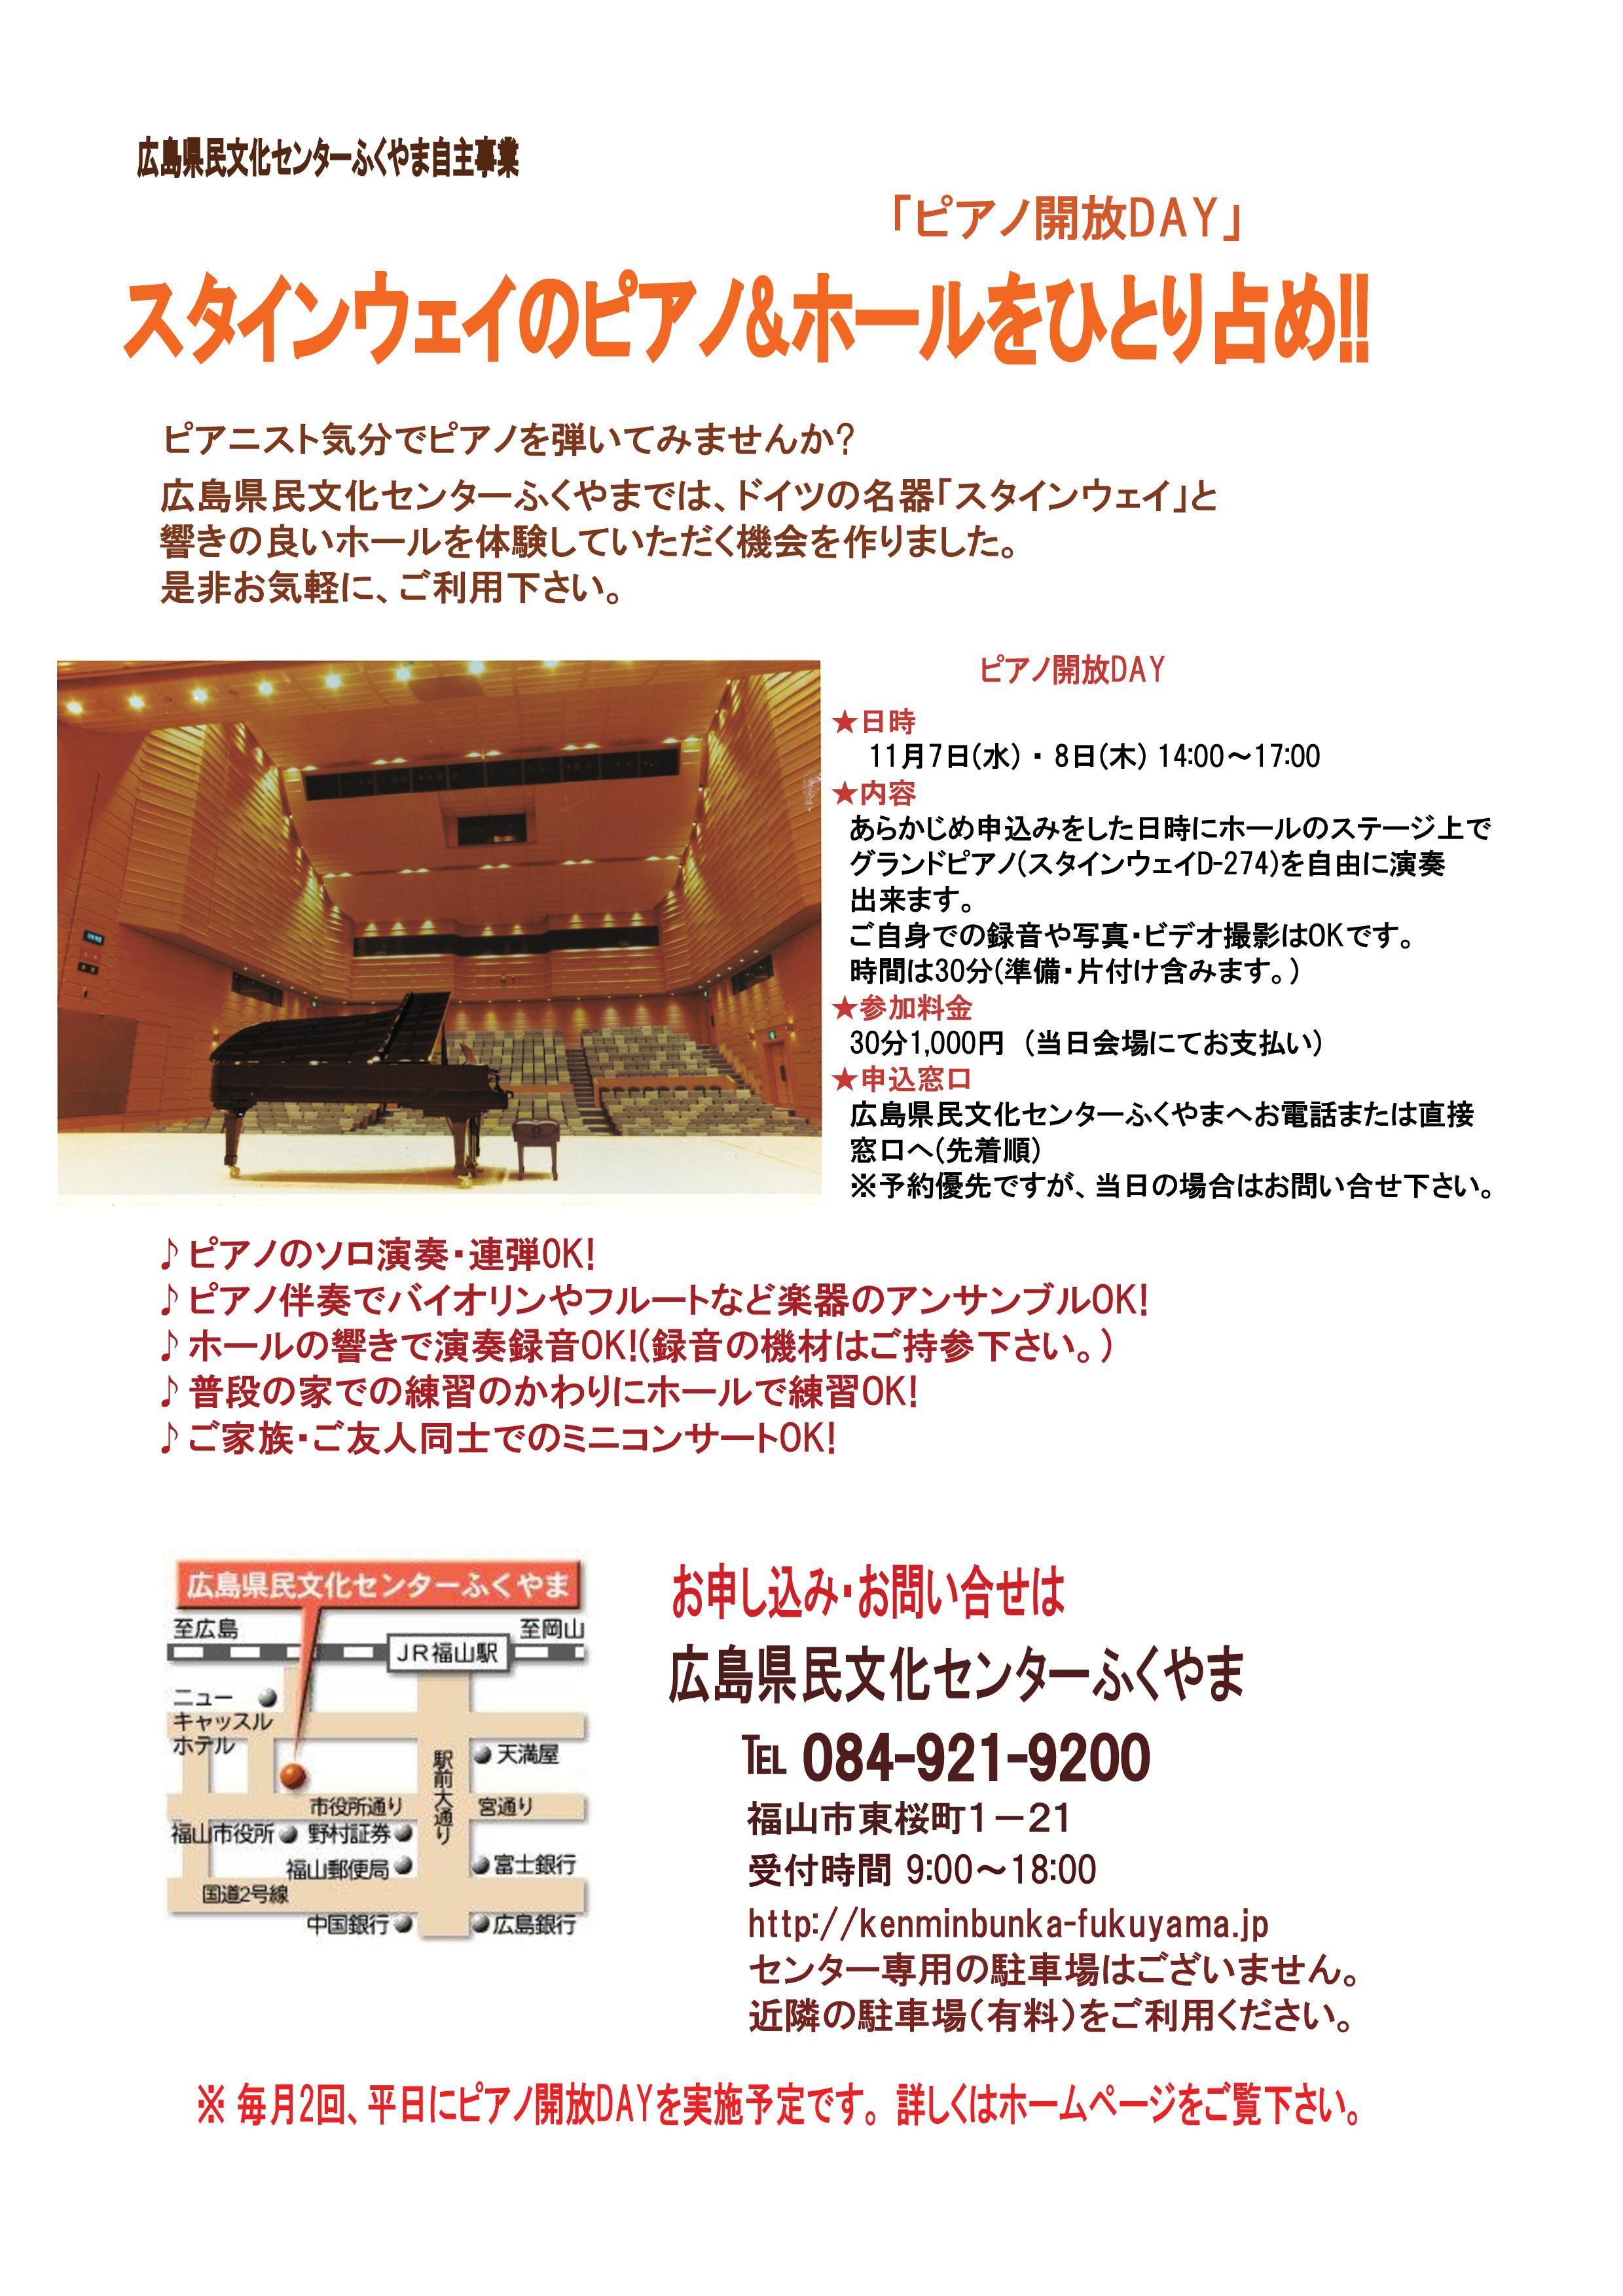 ピアノ開放DAY 11月分